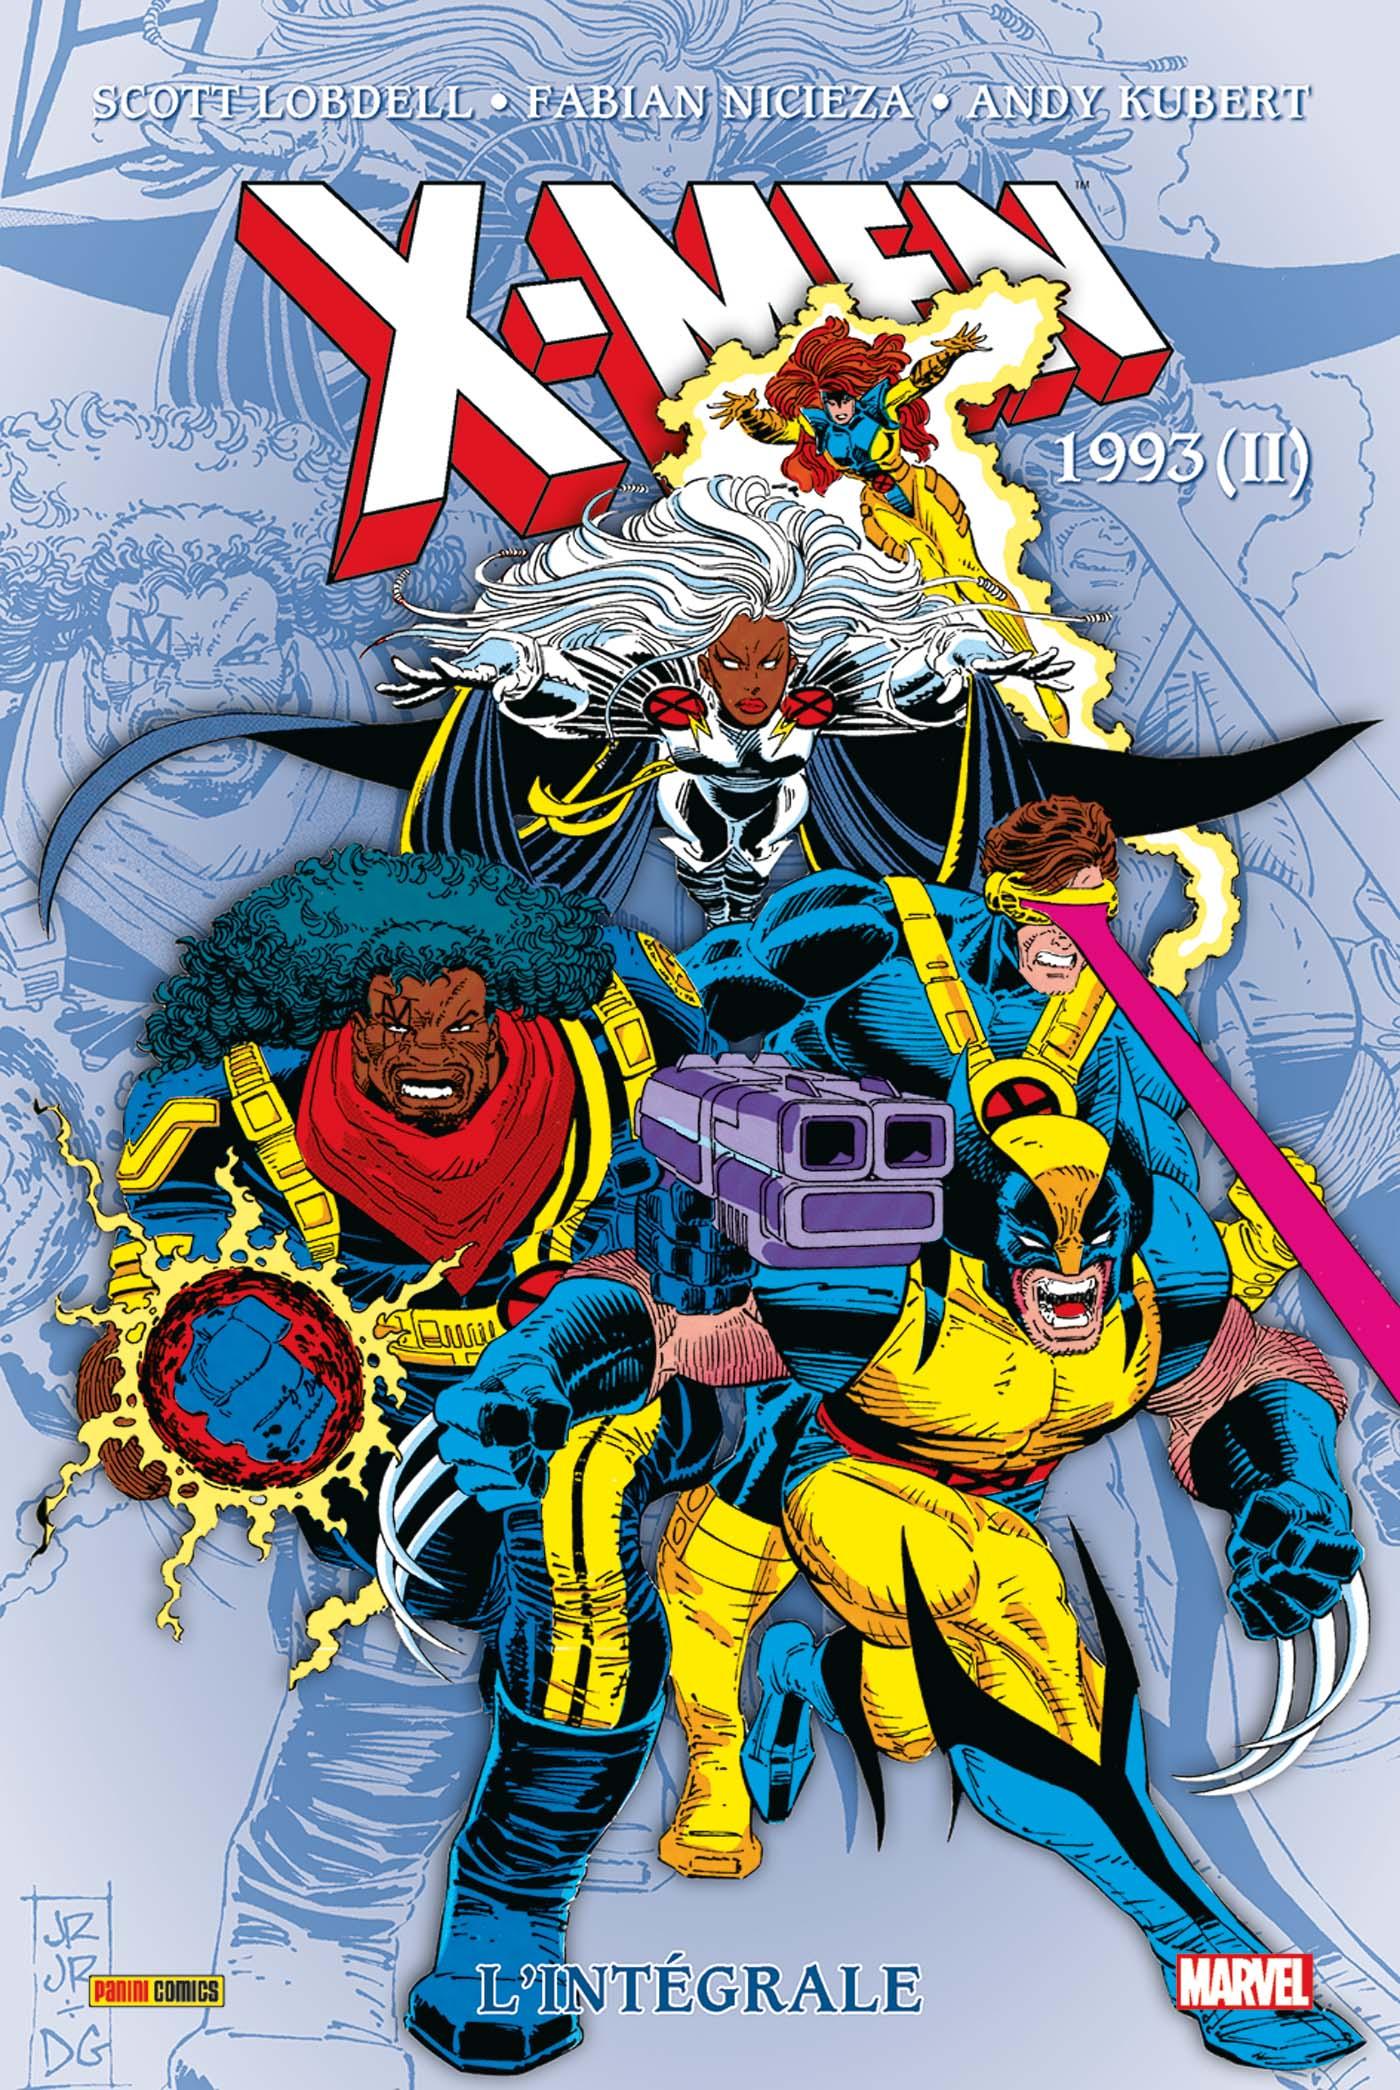 X-Men 1993.2 - 1993 (II)